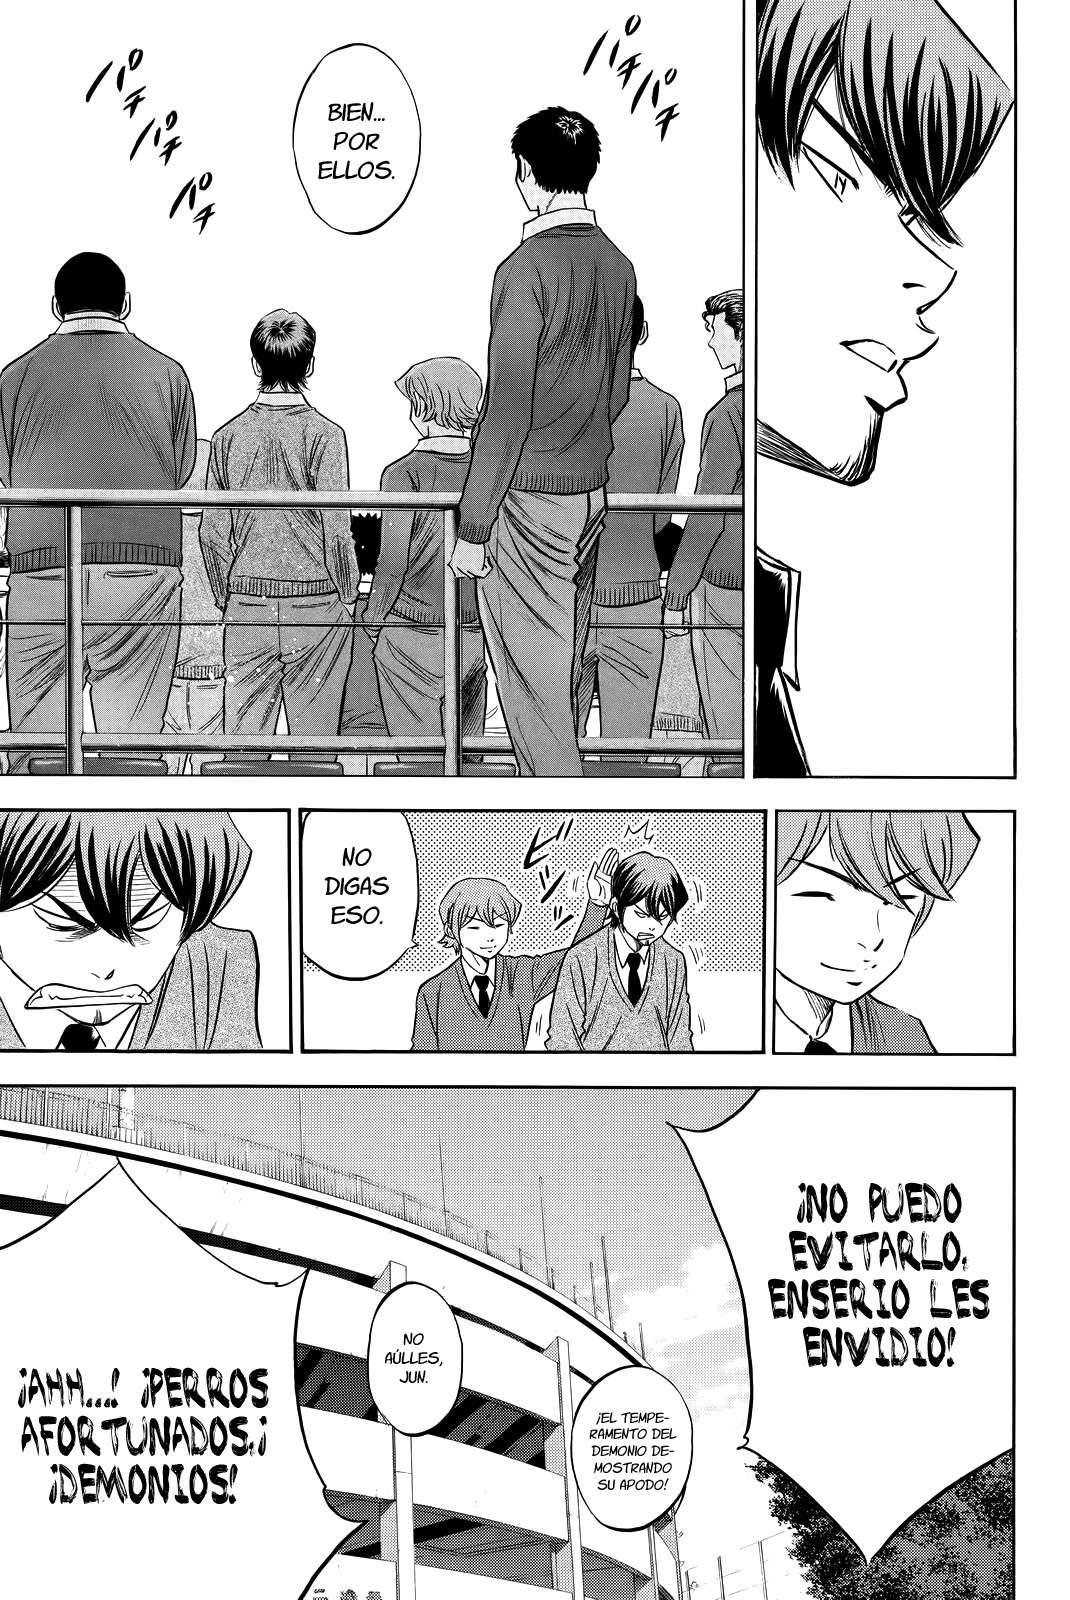 http://c5.ninemanga.com/es_manga/24/1752/422720/f5b7ddd5d03ea42eb3cdafa867a325b8.jpg Page 18